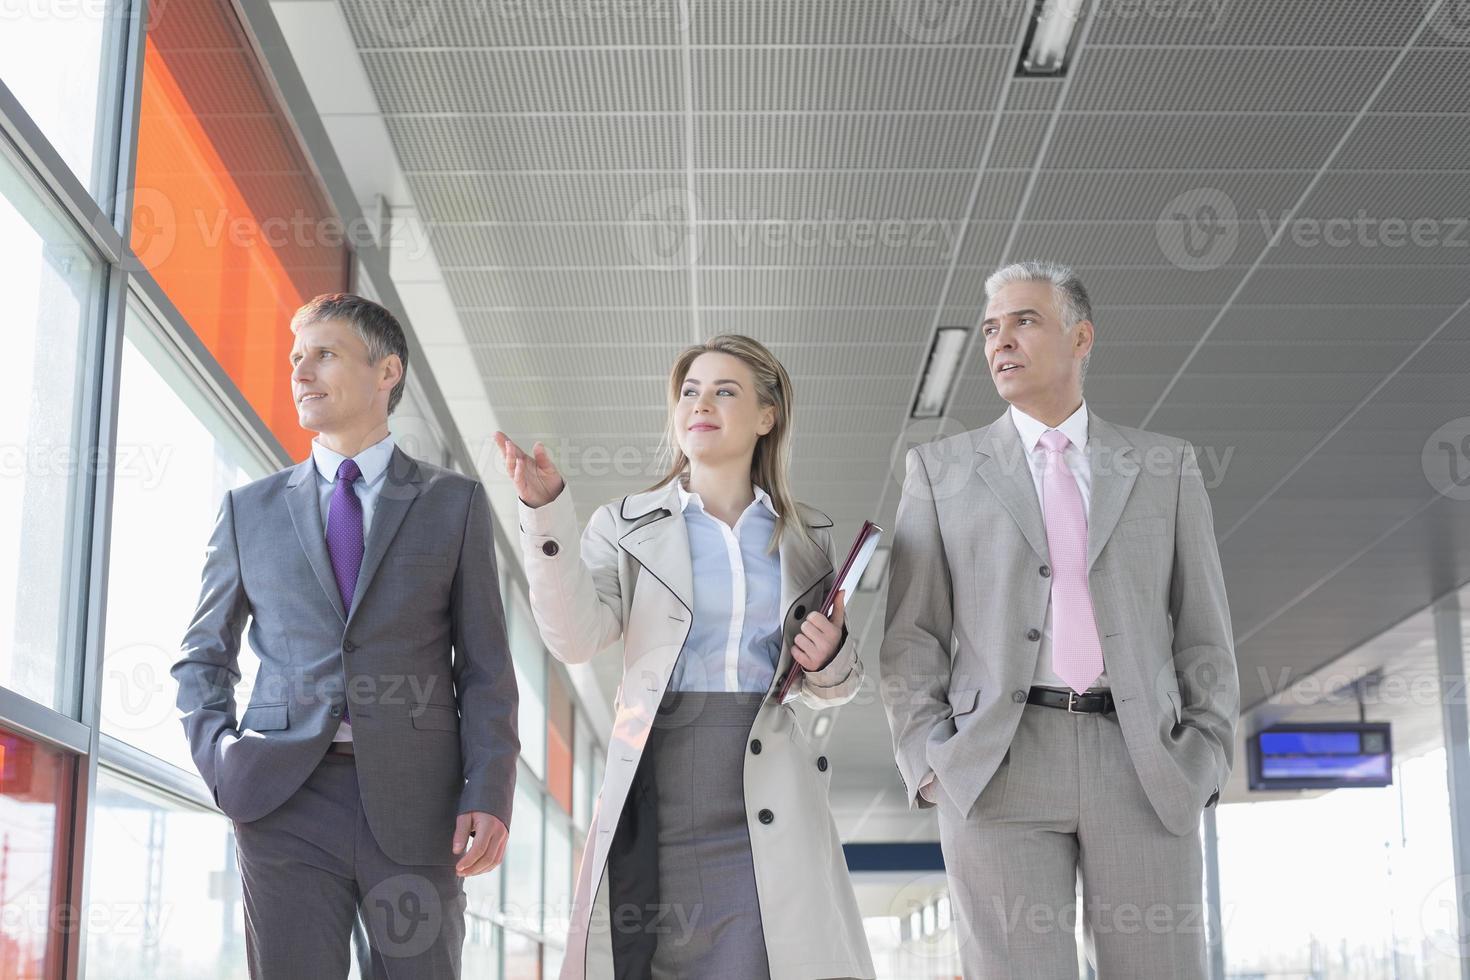 mensen uit het bedrijfsleven bespreken tijdens het wandelen op perron foto